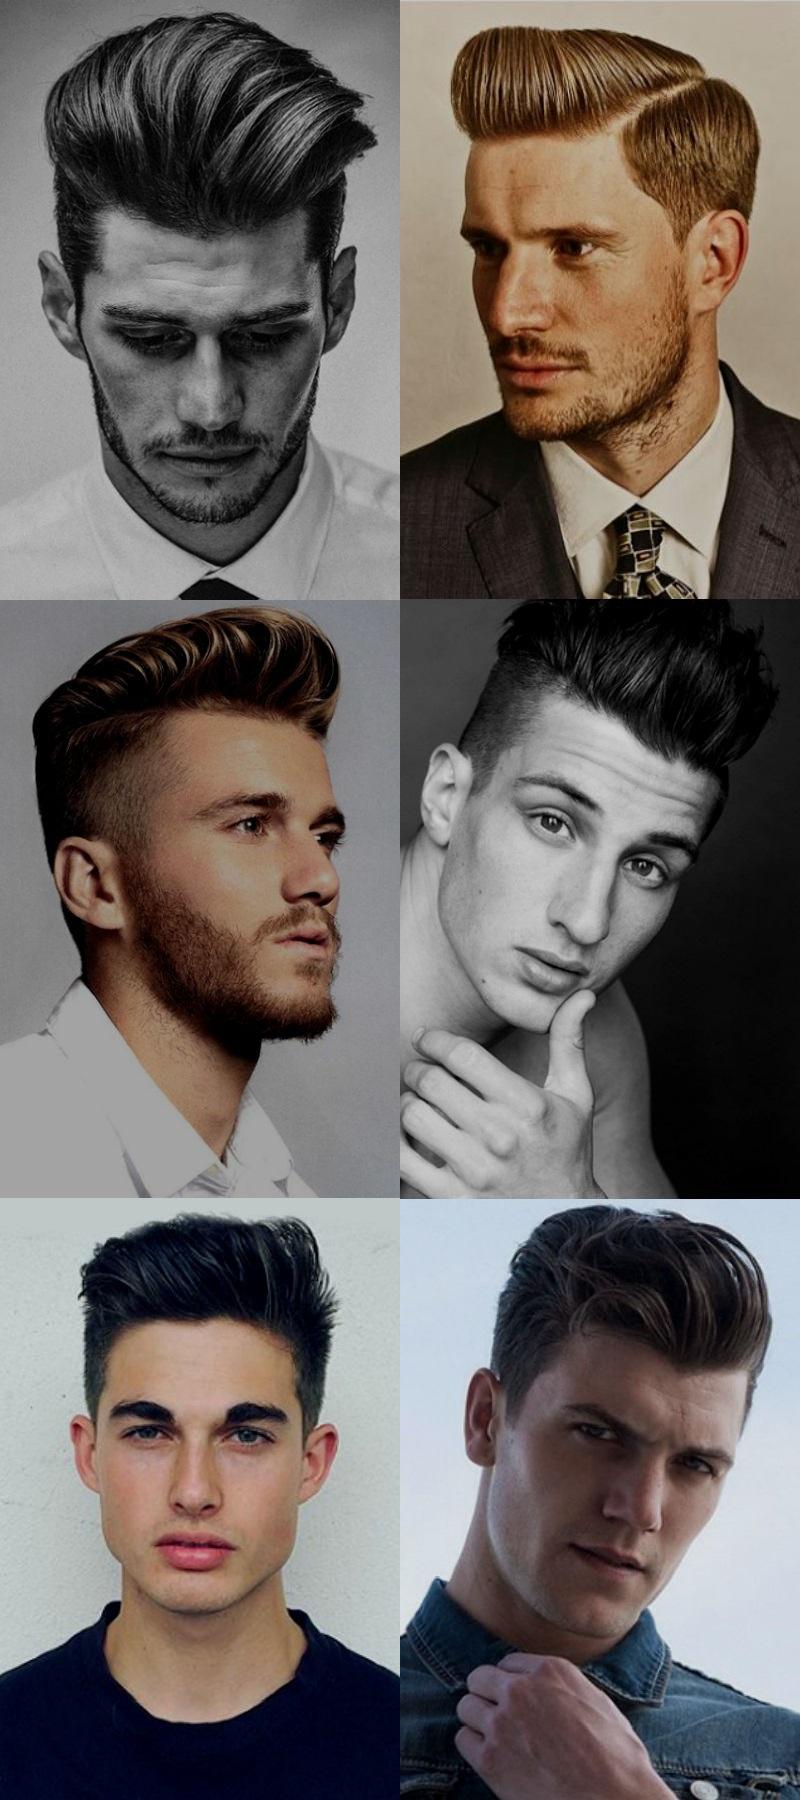 Homem No Espelho - Cortes de cabelo masculinos 2016 - Topetes